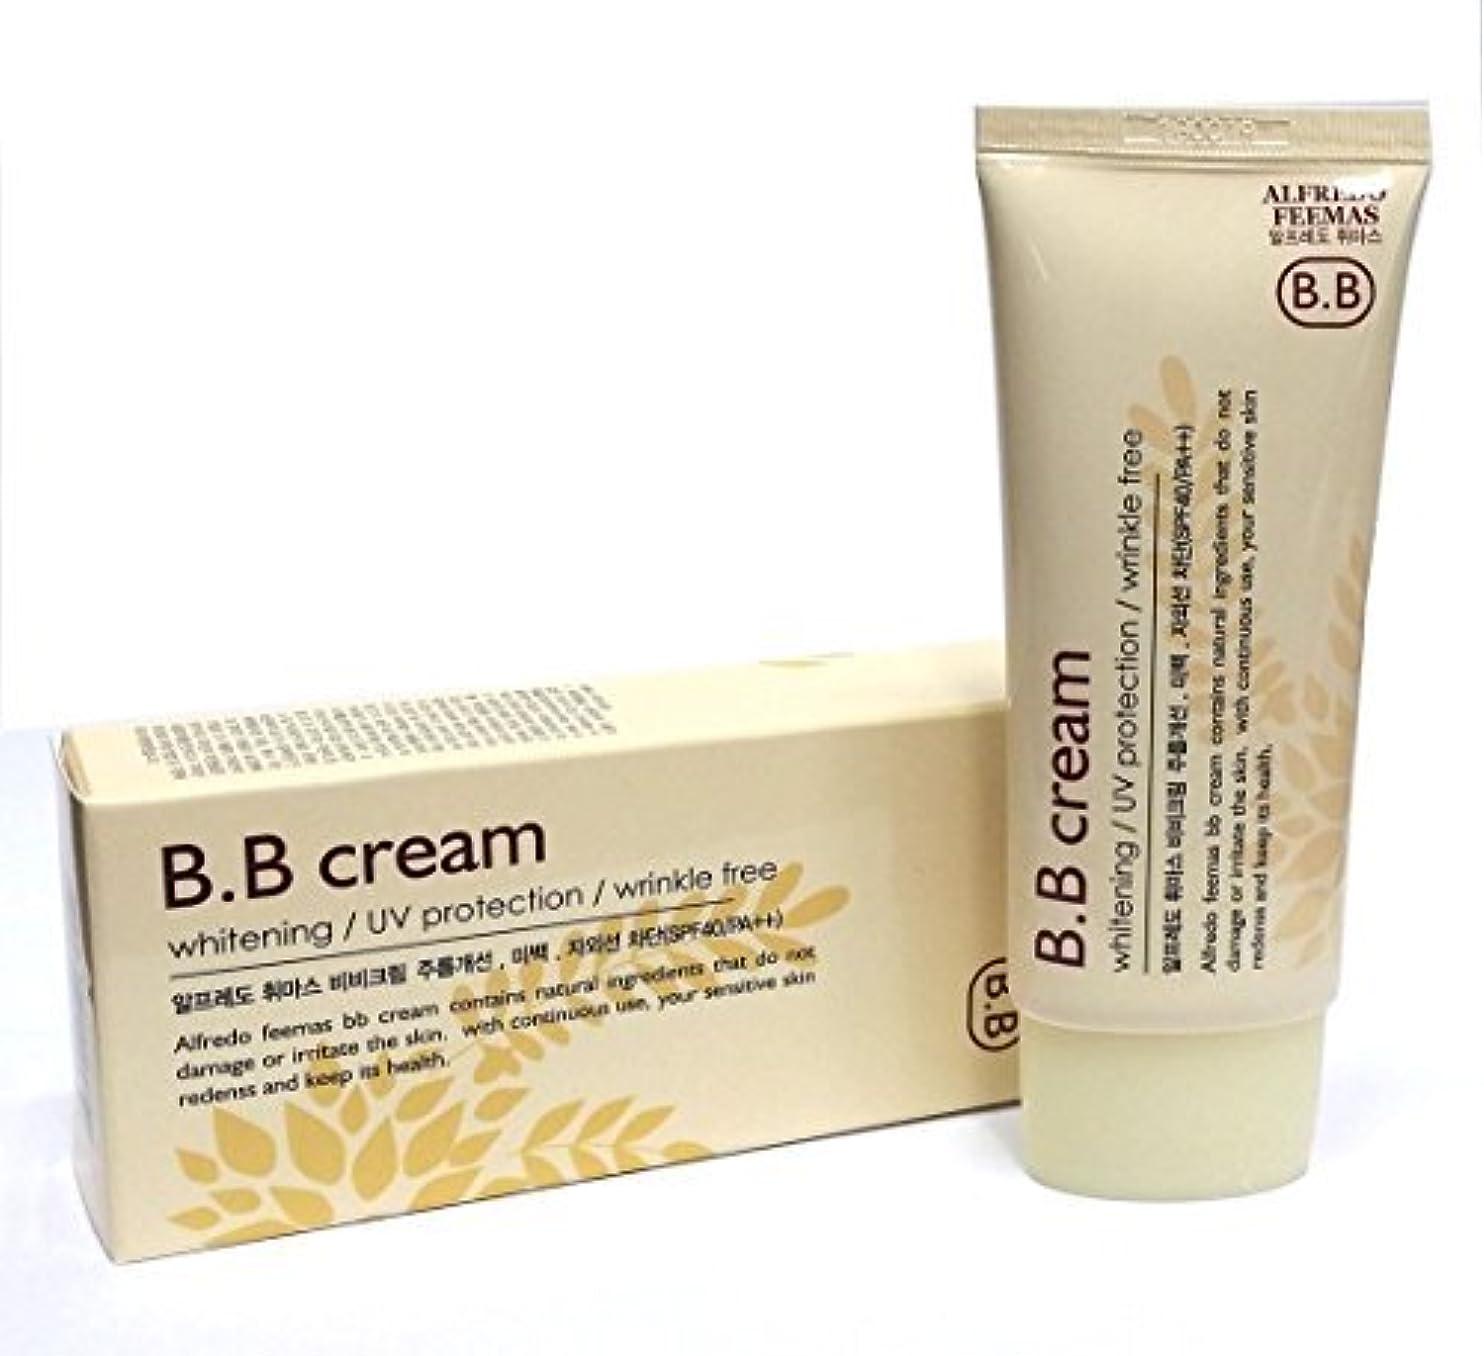 記念碑残り道[ALFREDO FEEMAS] シャイニングBBクリームホワイトニング日焼け止めSPF40 PA++ 50ml / 韓国化粧品 / Shining BB Cream Whitening Sunblock SPF40 PA++ 50ml / Korean Cosmetics [並行輸入品]